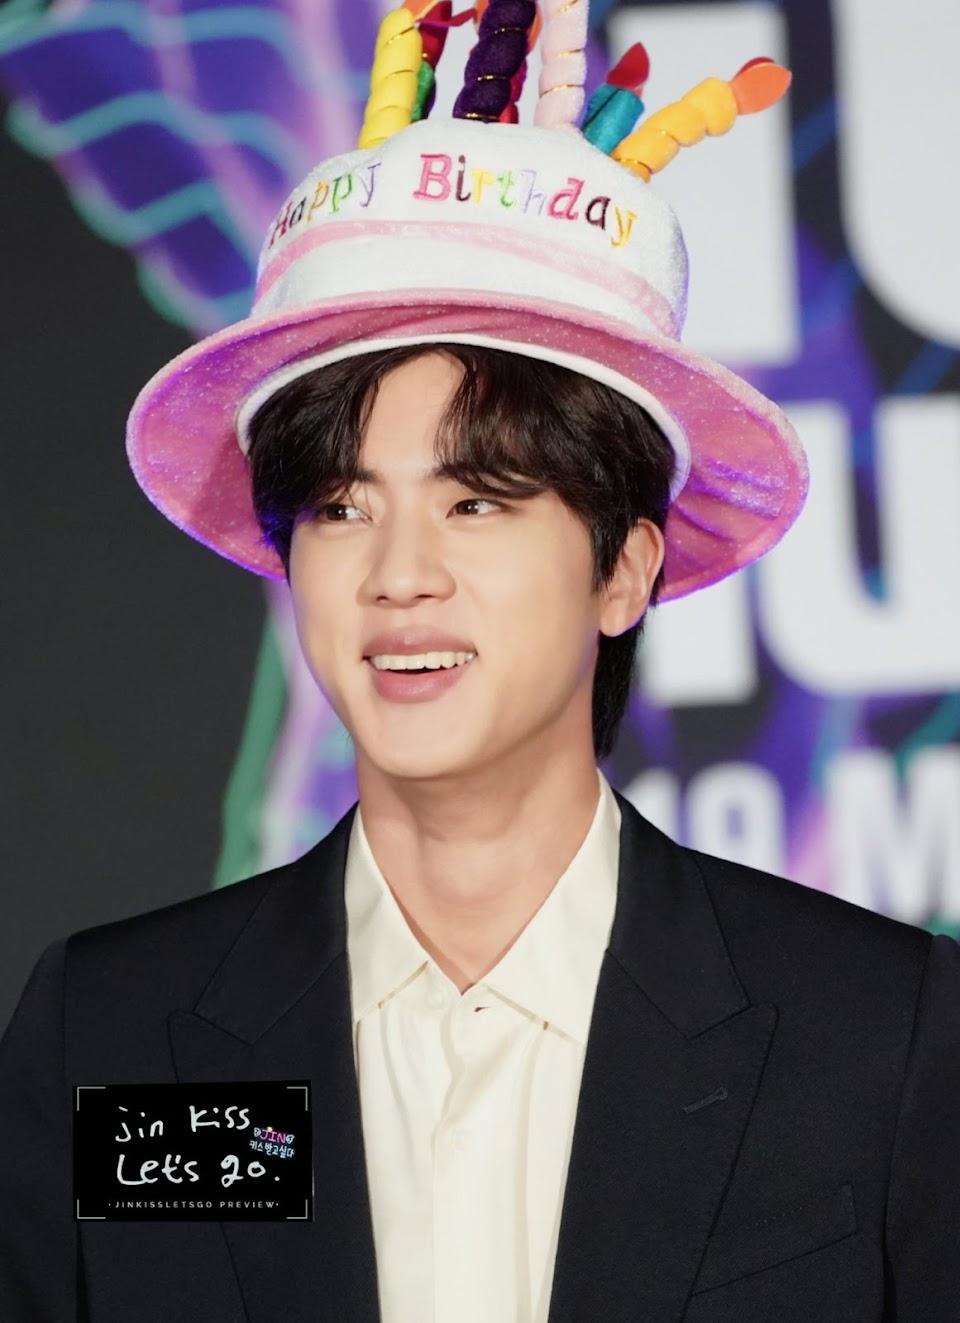 bts-jin-hat